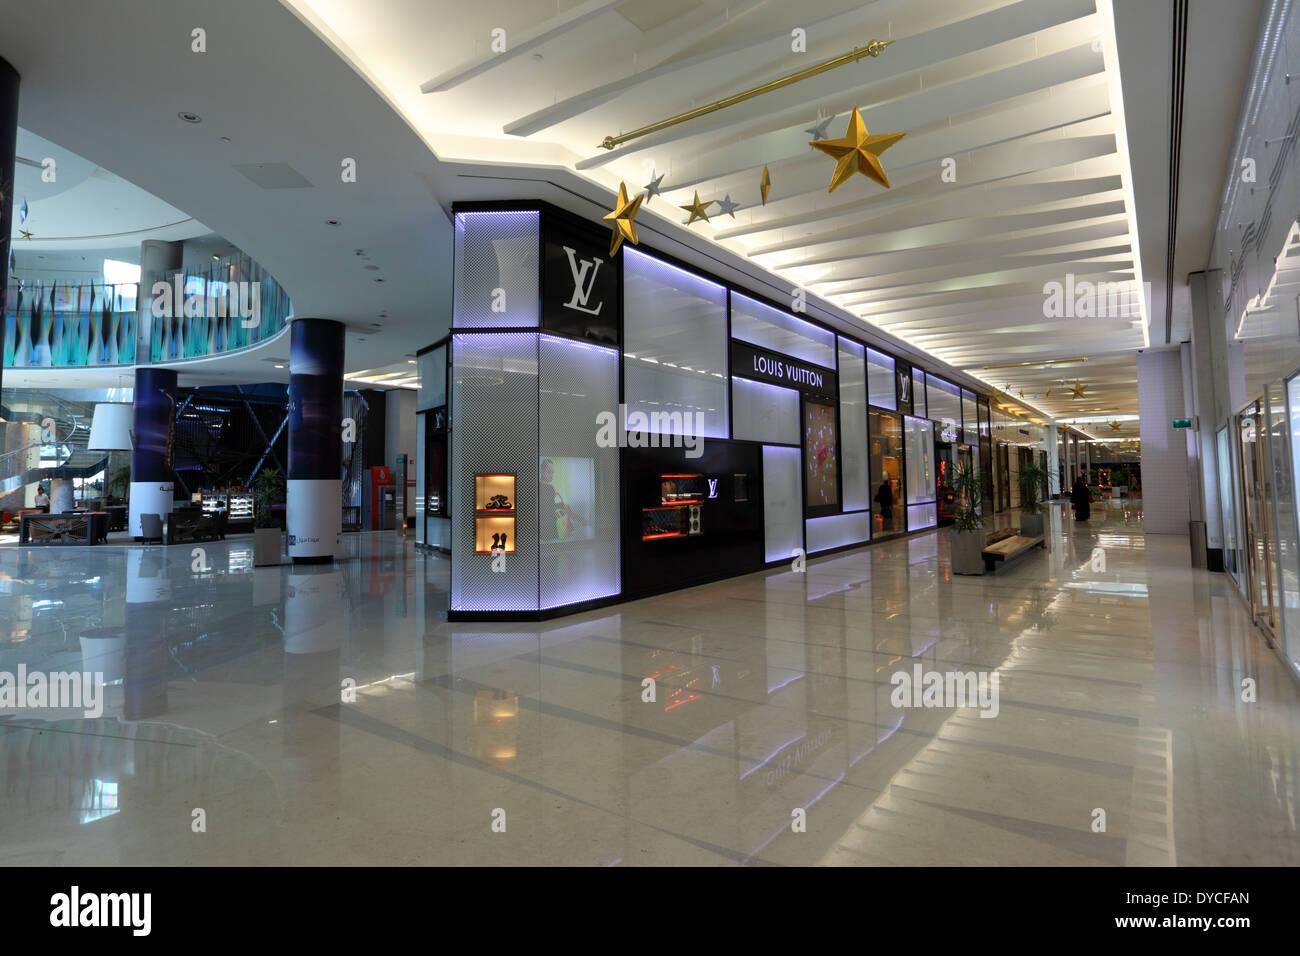 Moda centro comercial dentro de la Bahrain World Trade Center. Reino de Bahrein, Oriente Medio Imagen De Stock